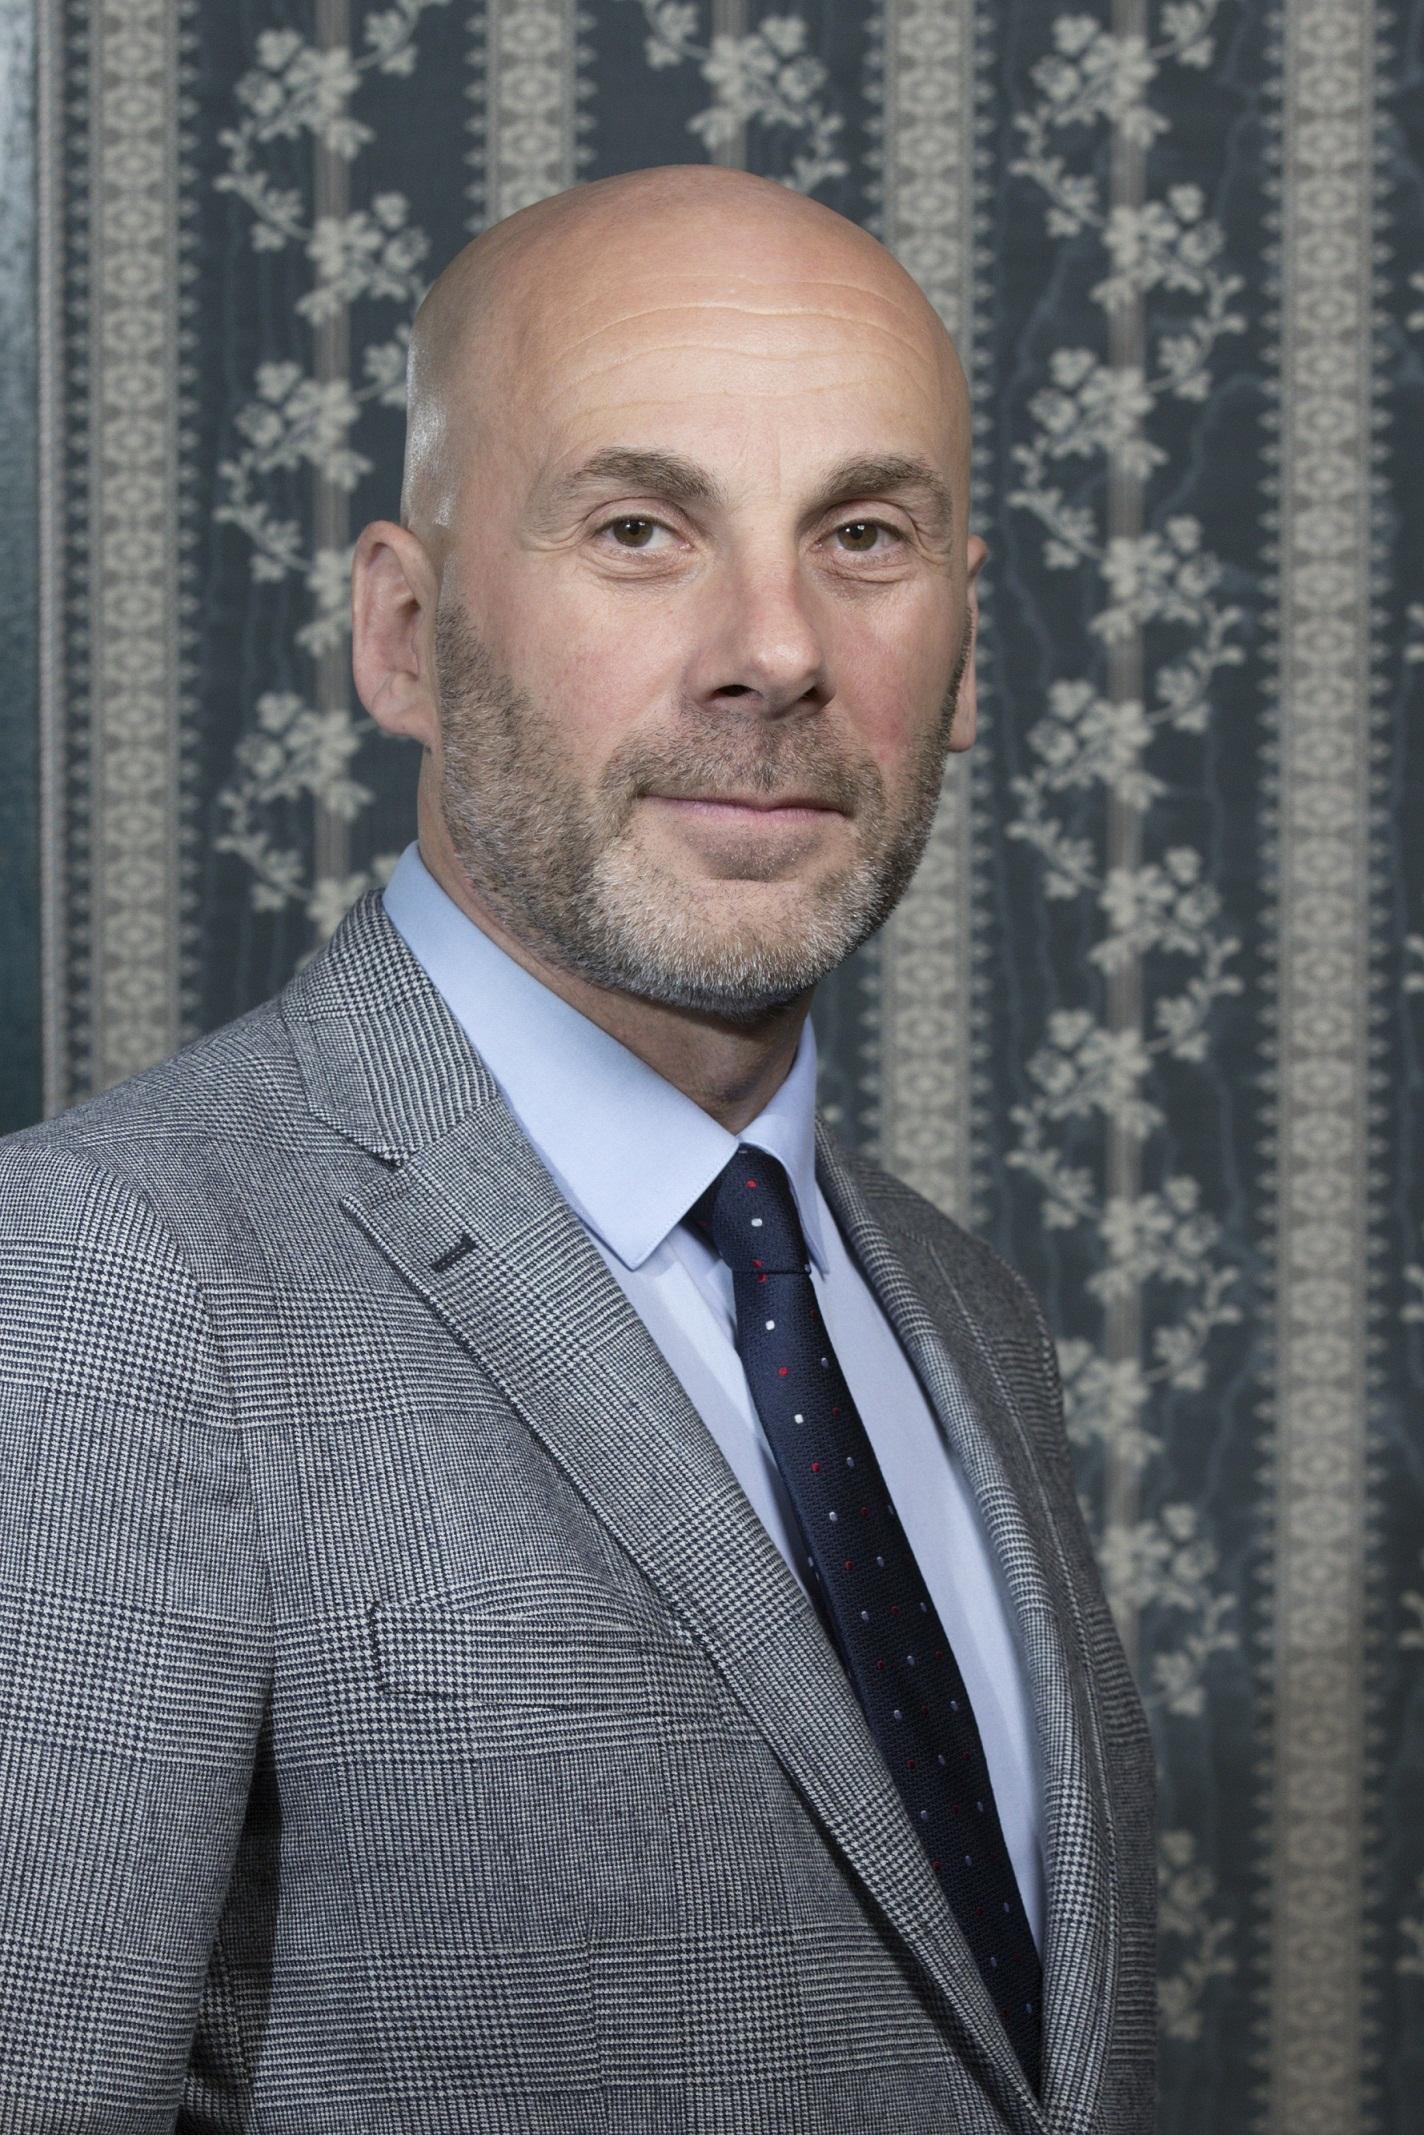 Benoît Giraud